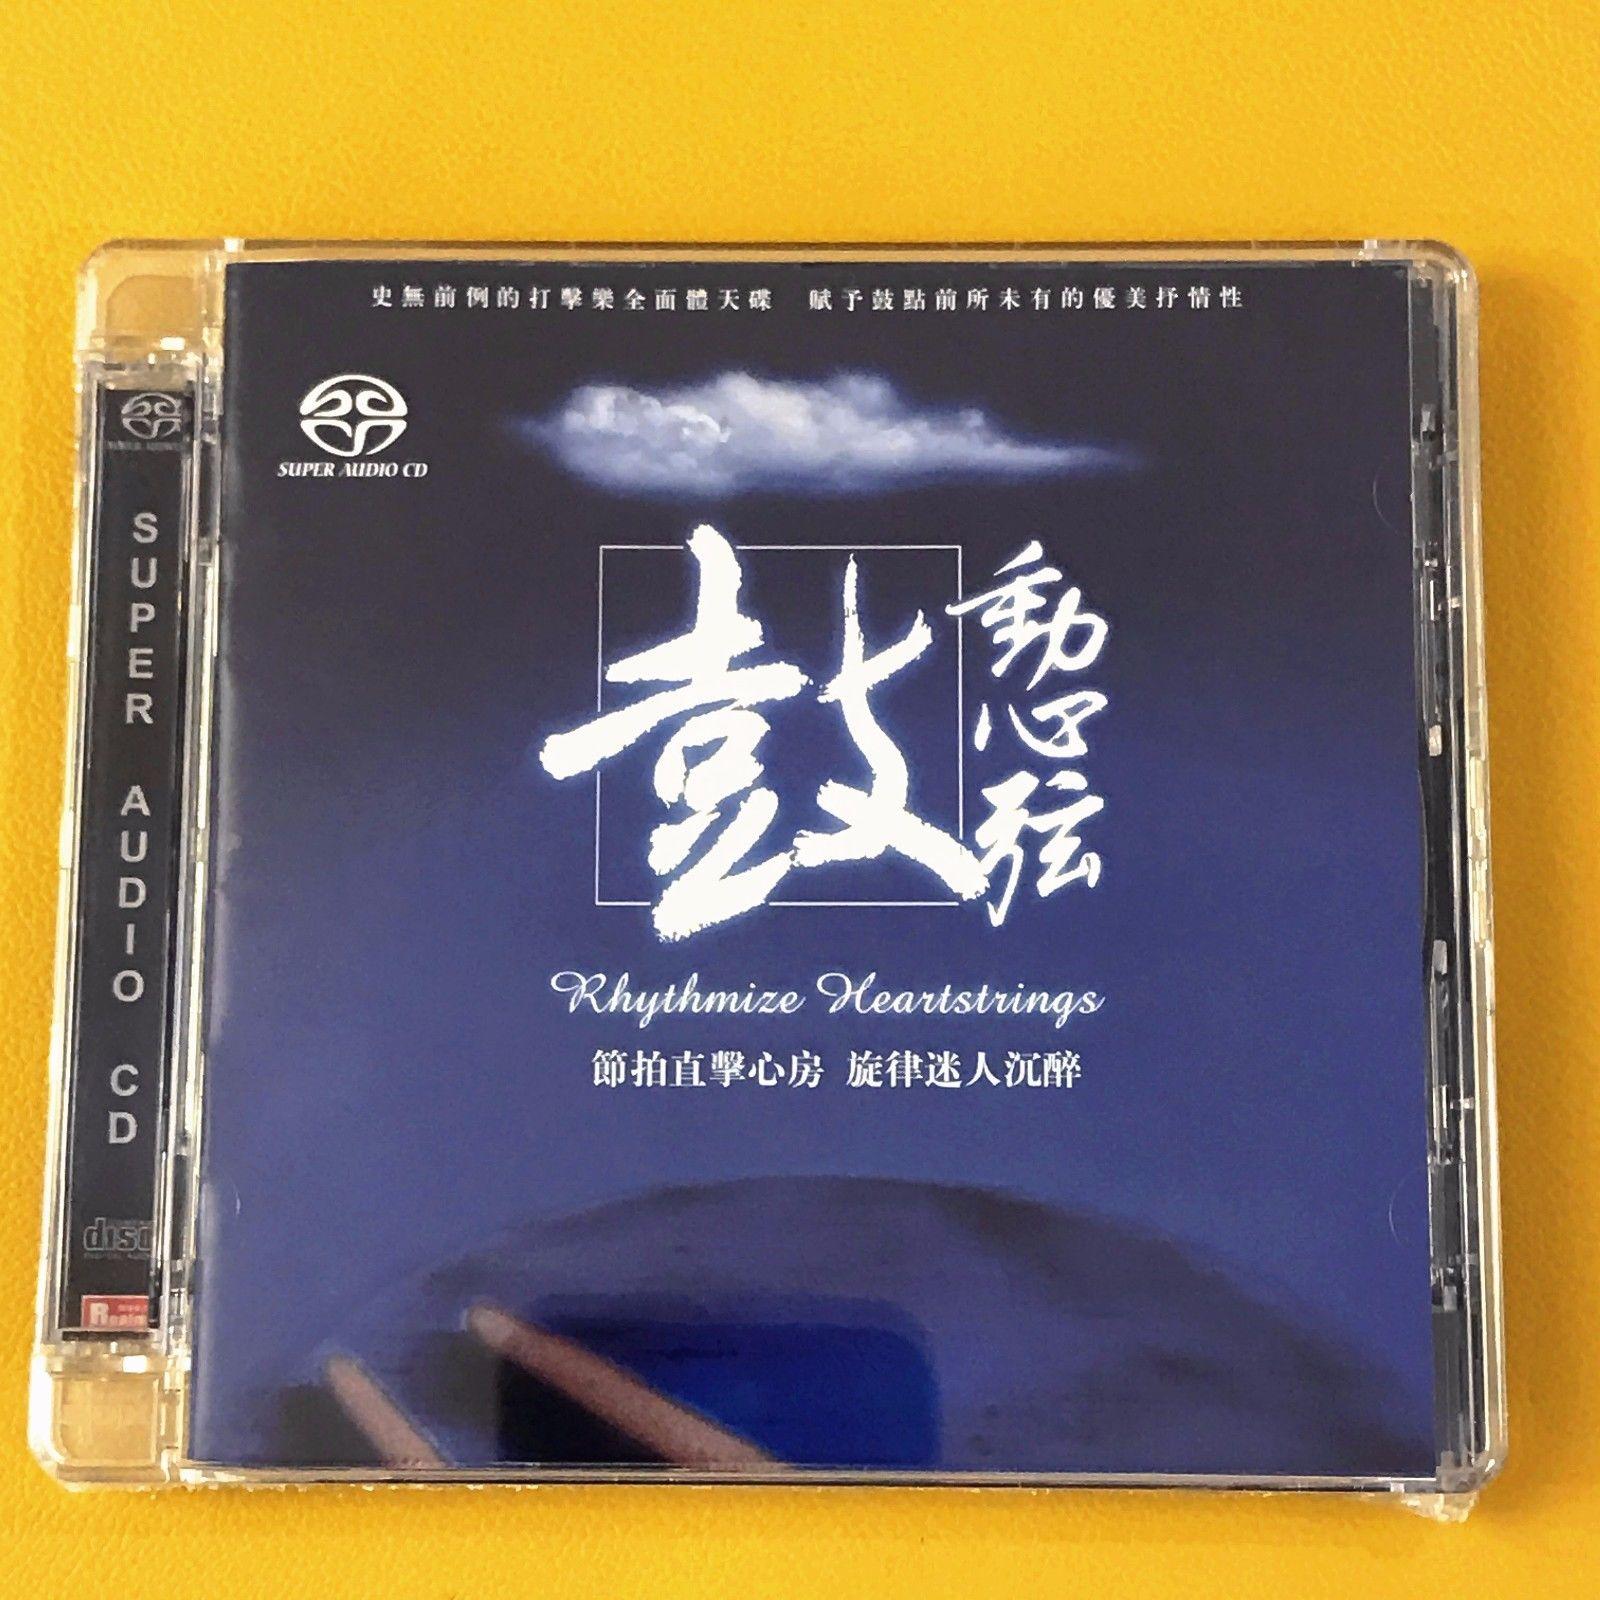 鼓動心弦 Rhythmize Heartstrings (2004) SACD DFF